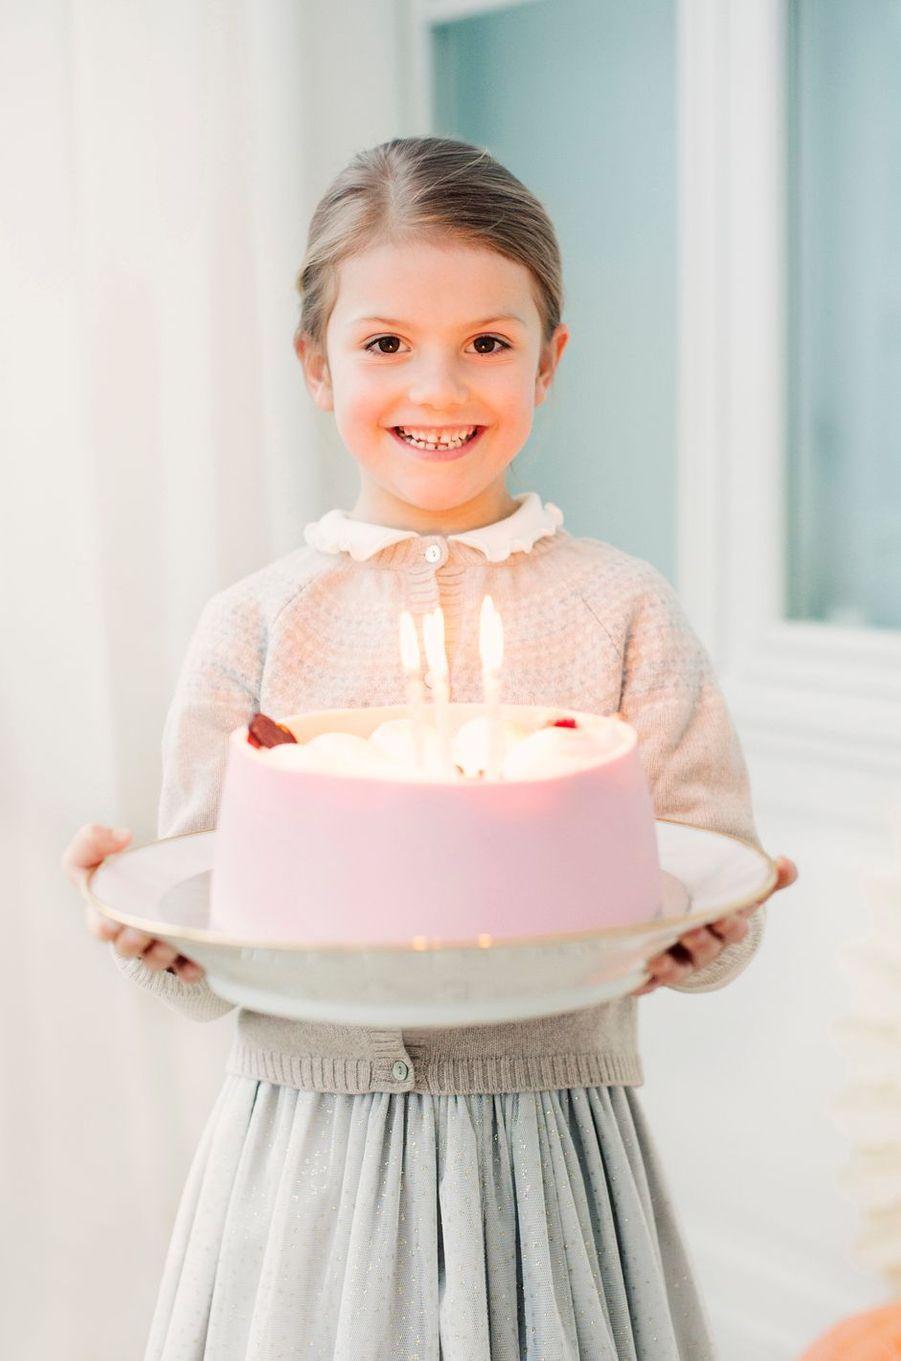 La princesse Estelle de Suède. Photo diffusée le 23 février 2018 pour ses 6 ans